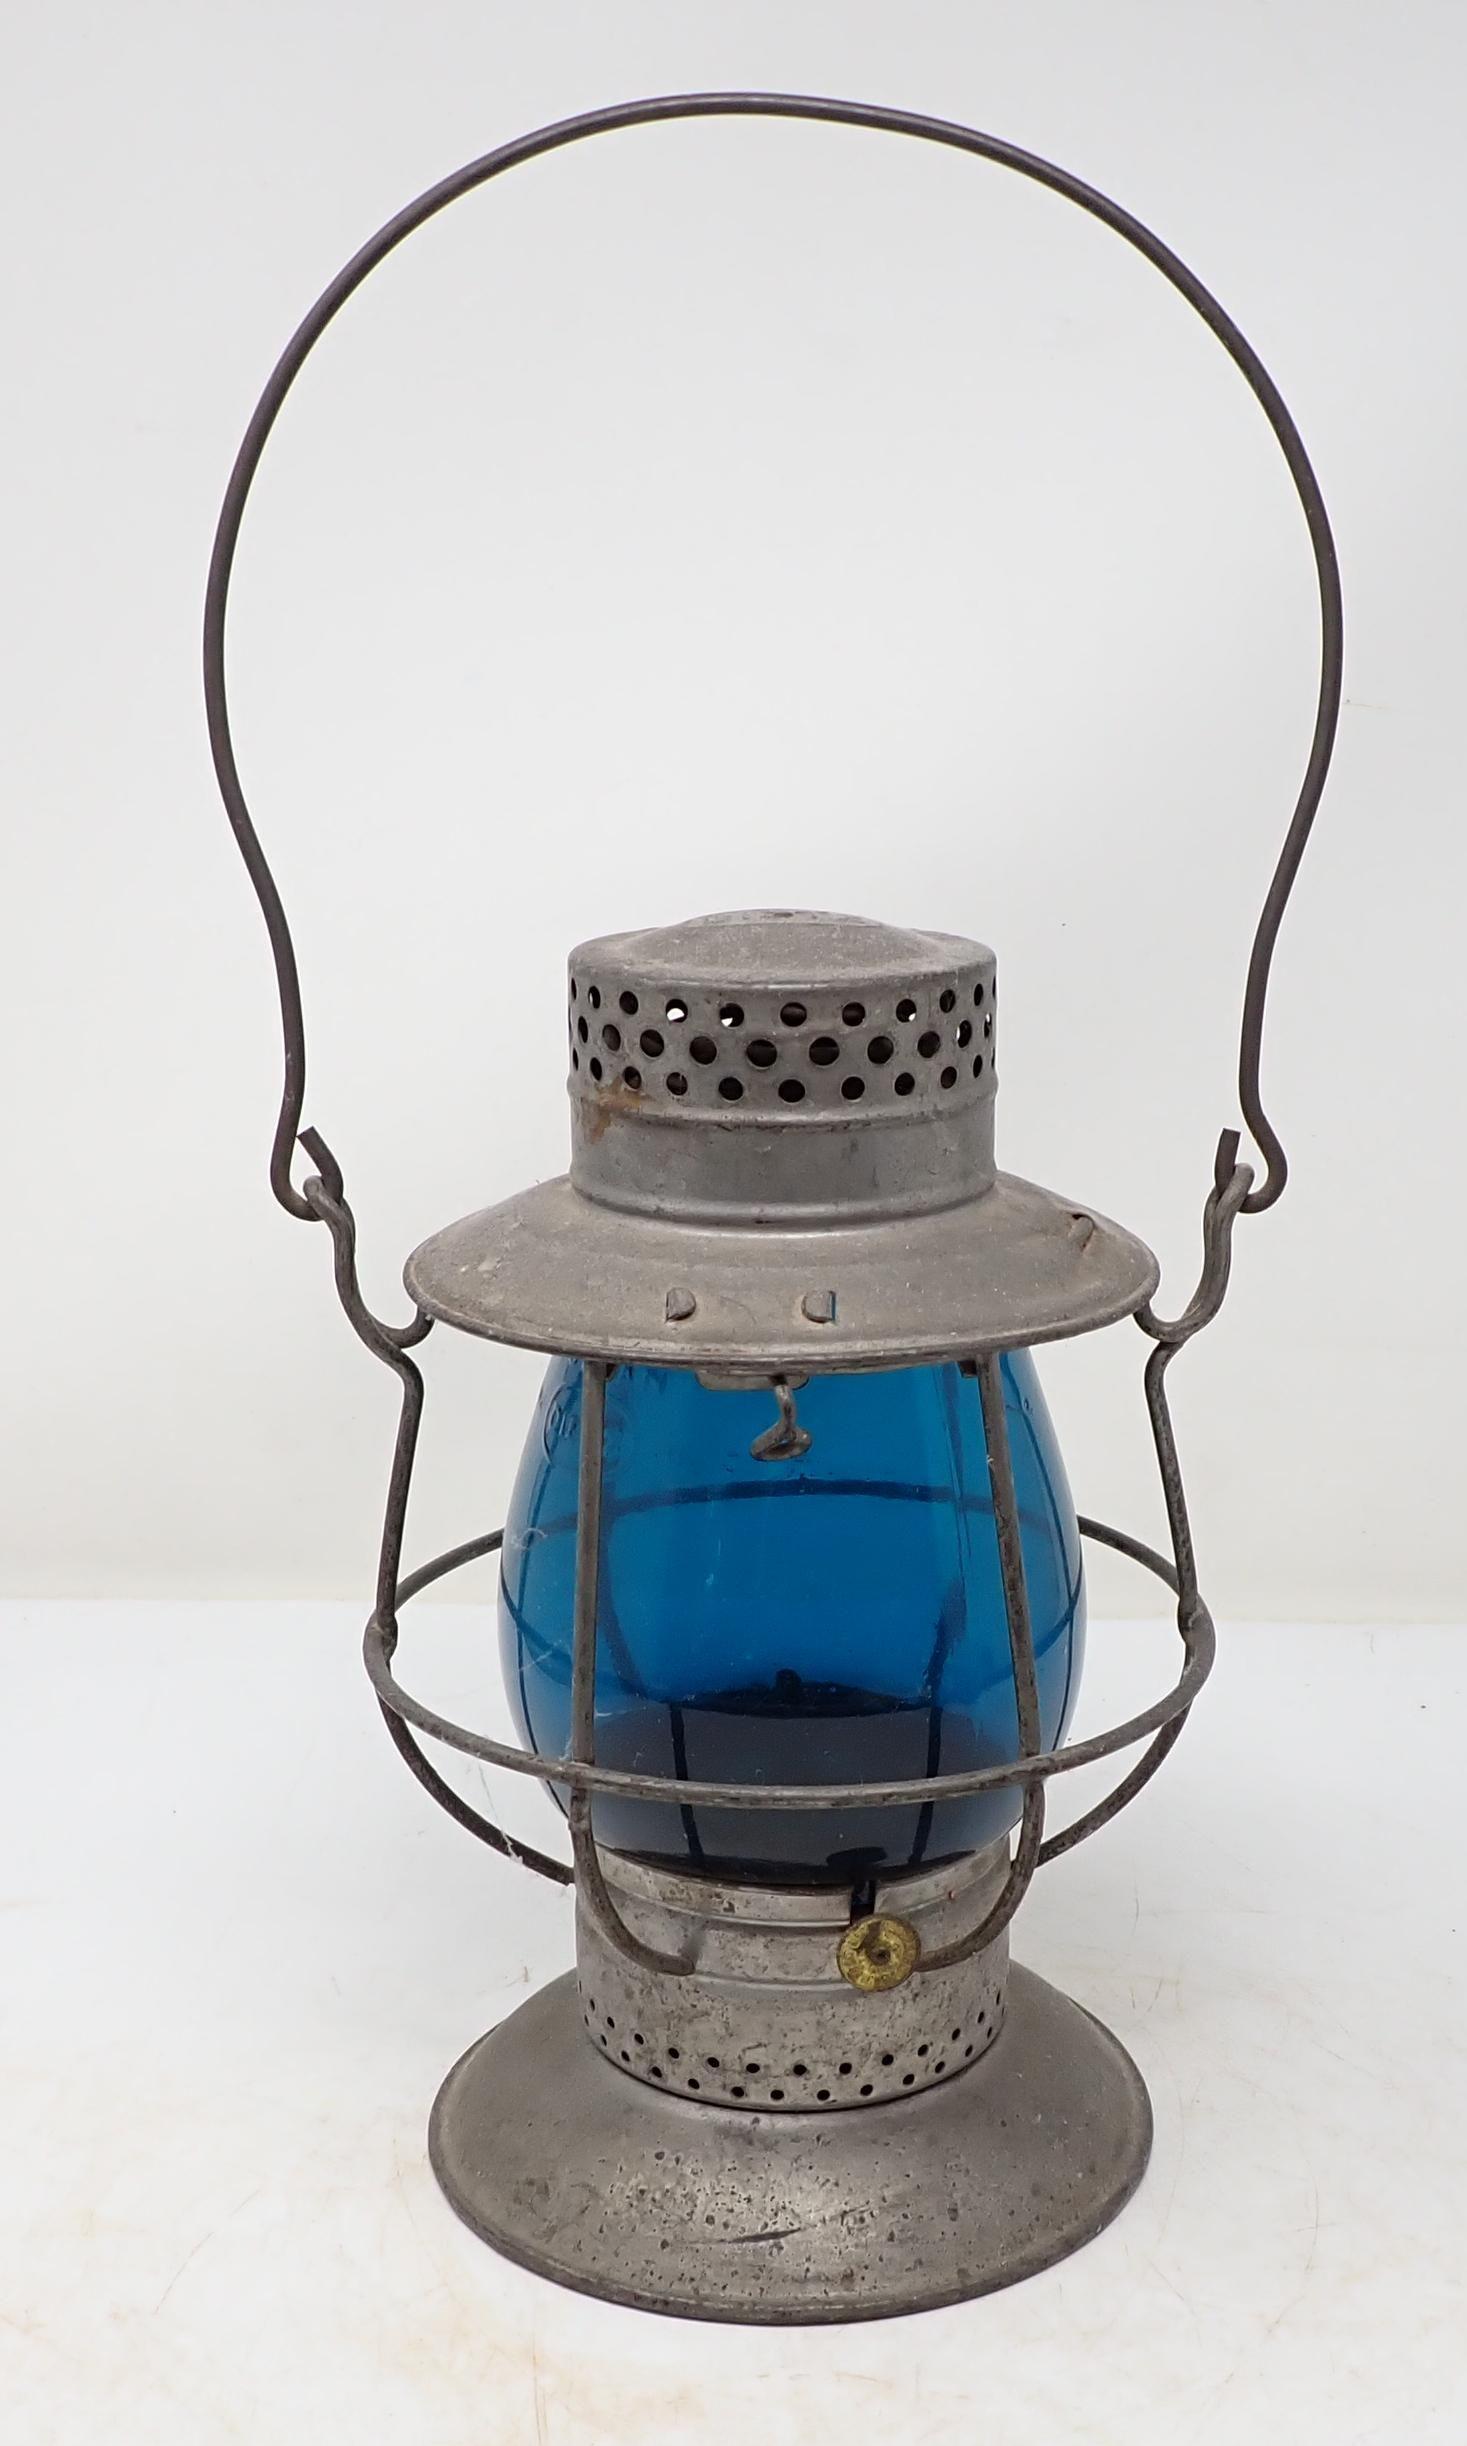 Dietz No 38 Railroad Lantern